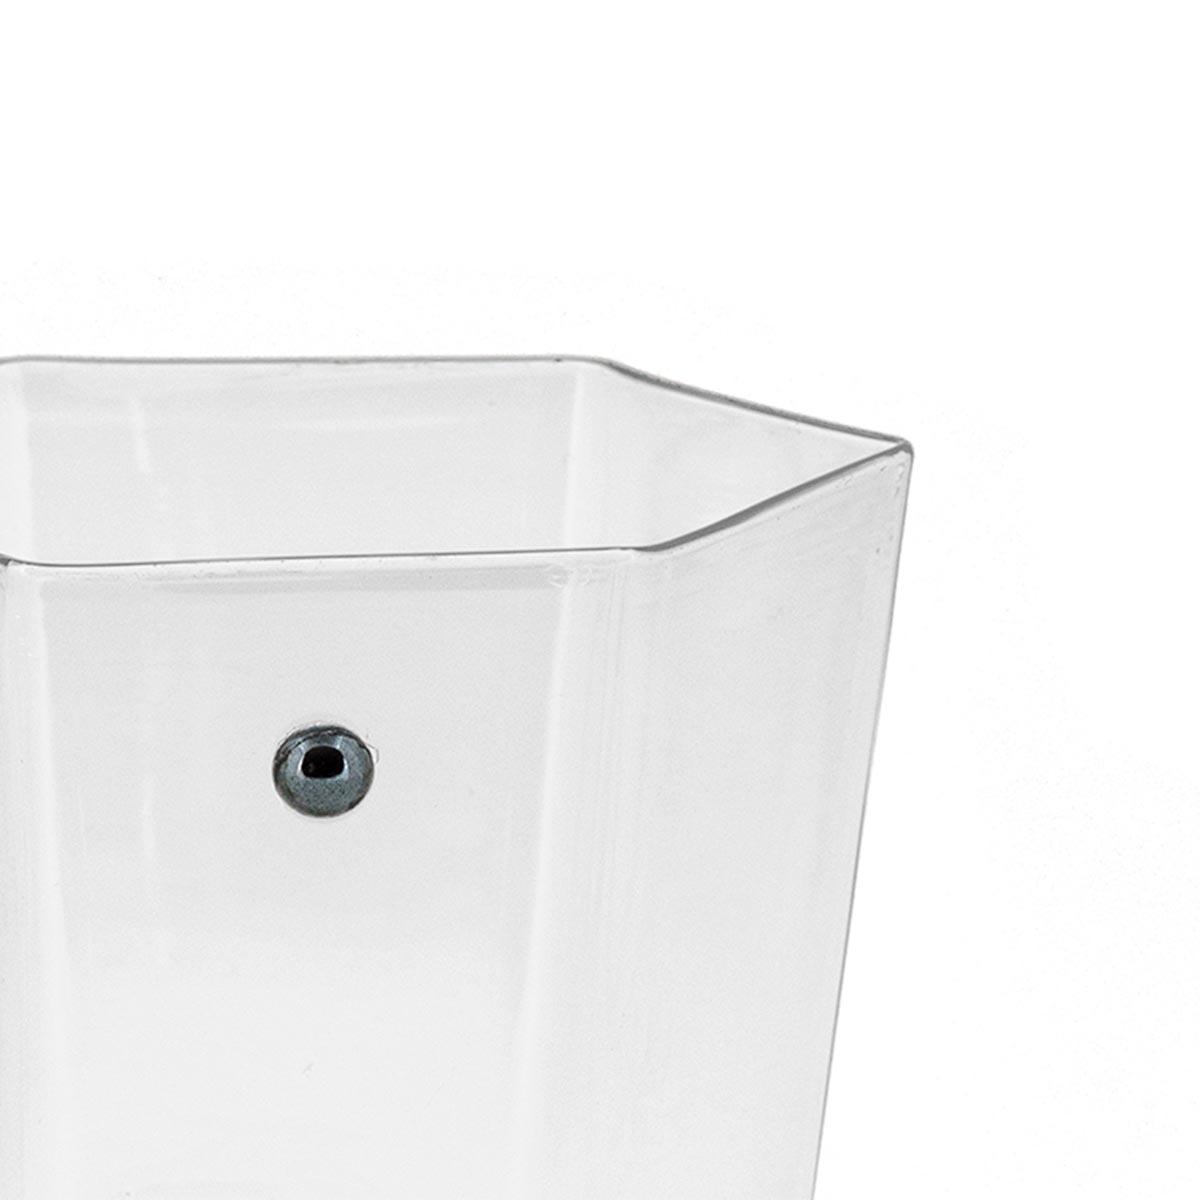 mafalda-glass-crystal-murano-handmade-wine-giberto-design-luxury-detail